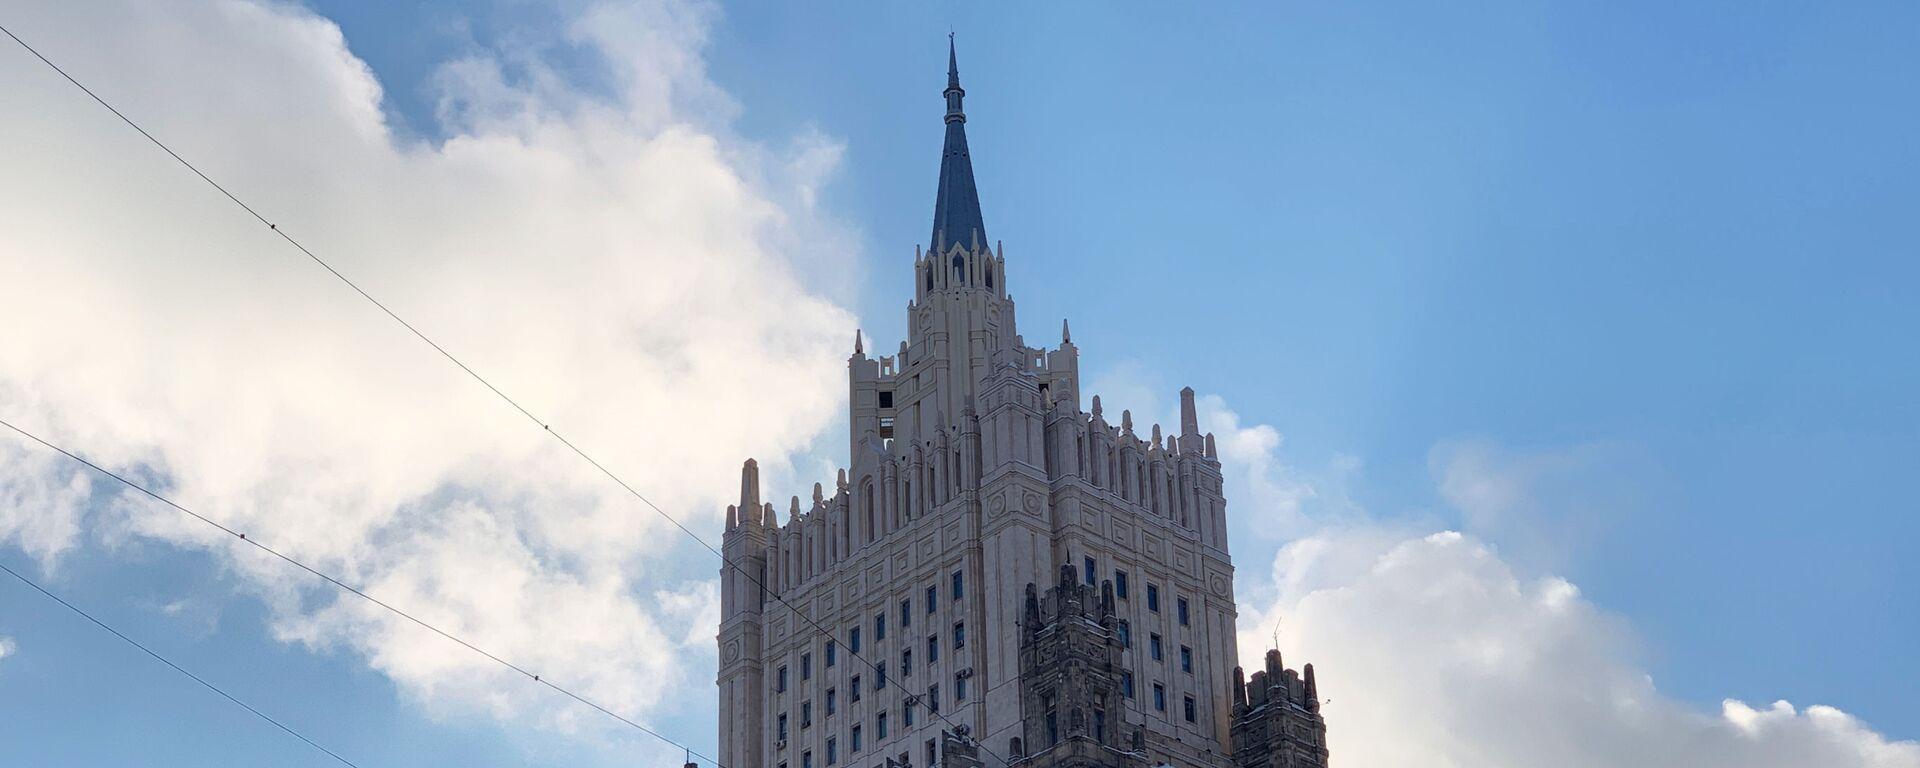 Здание министерства иностранных дел РФ - Sputnik Беларусь, 1920, 09.02.2021